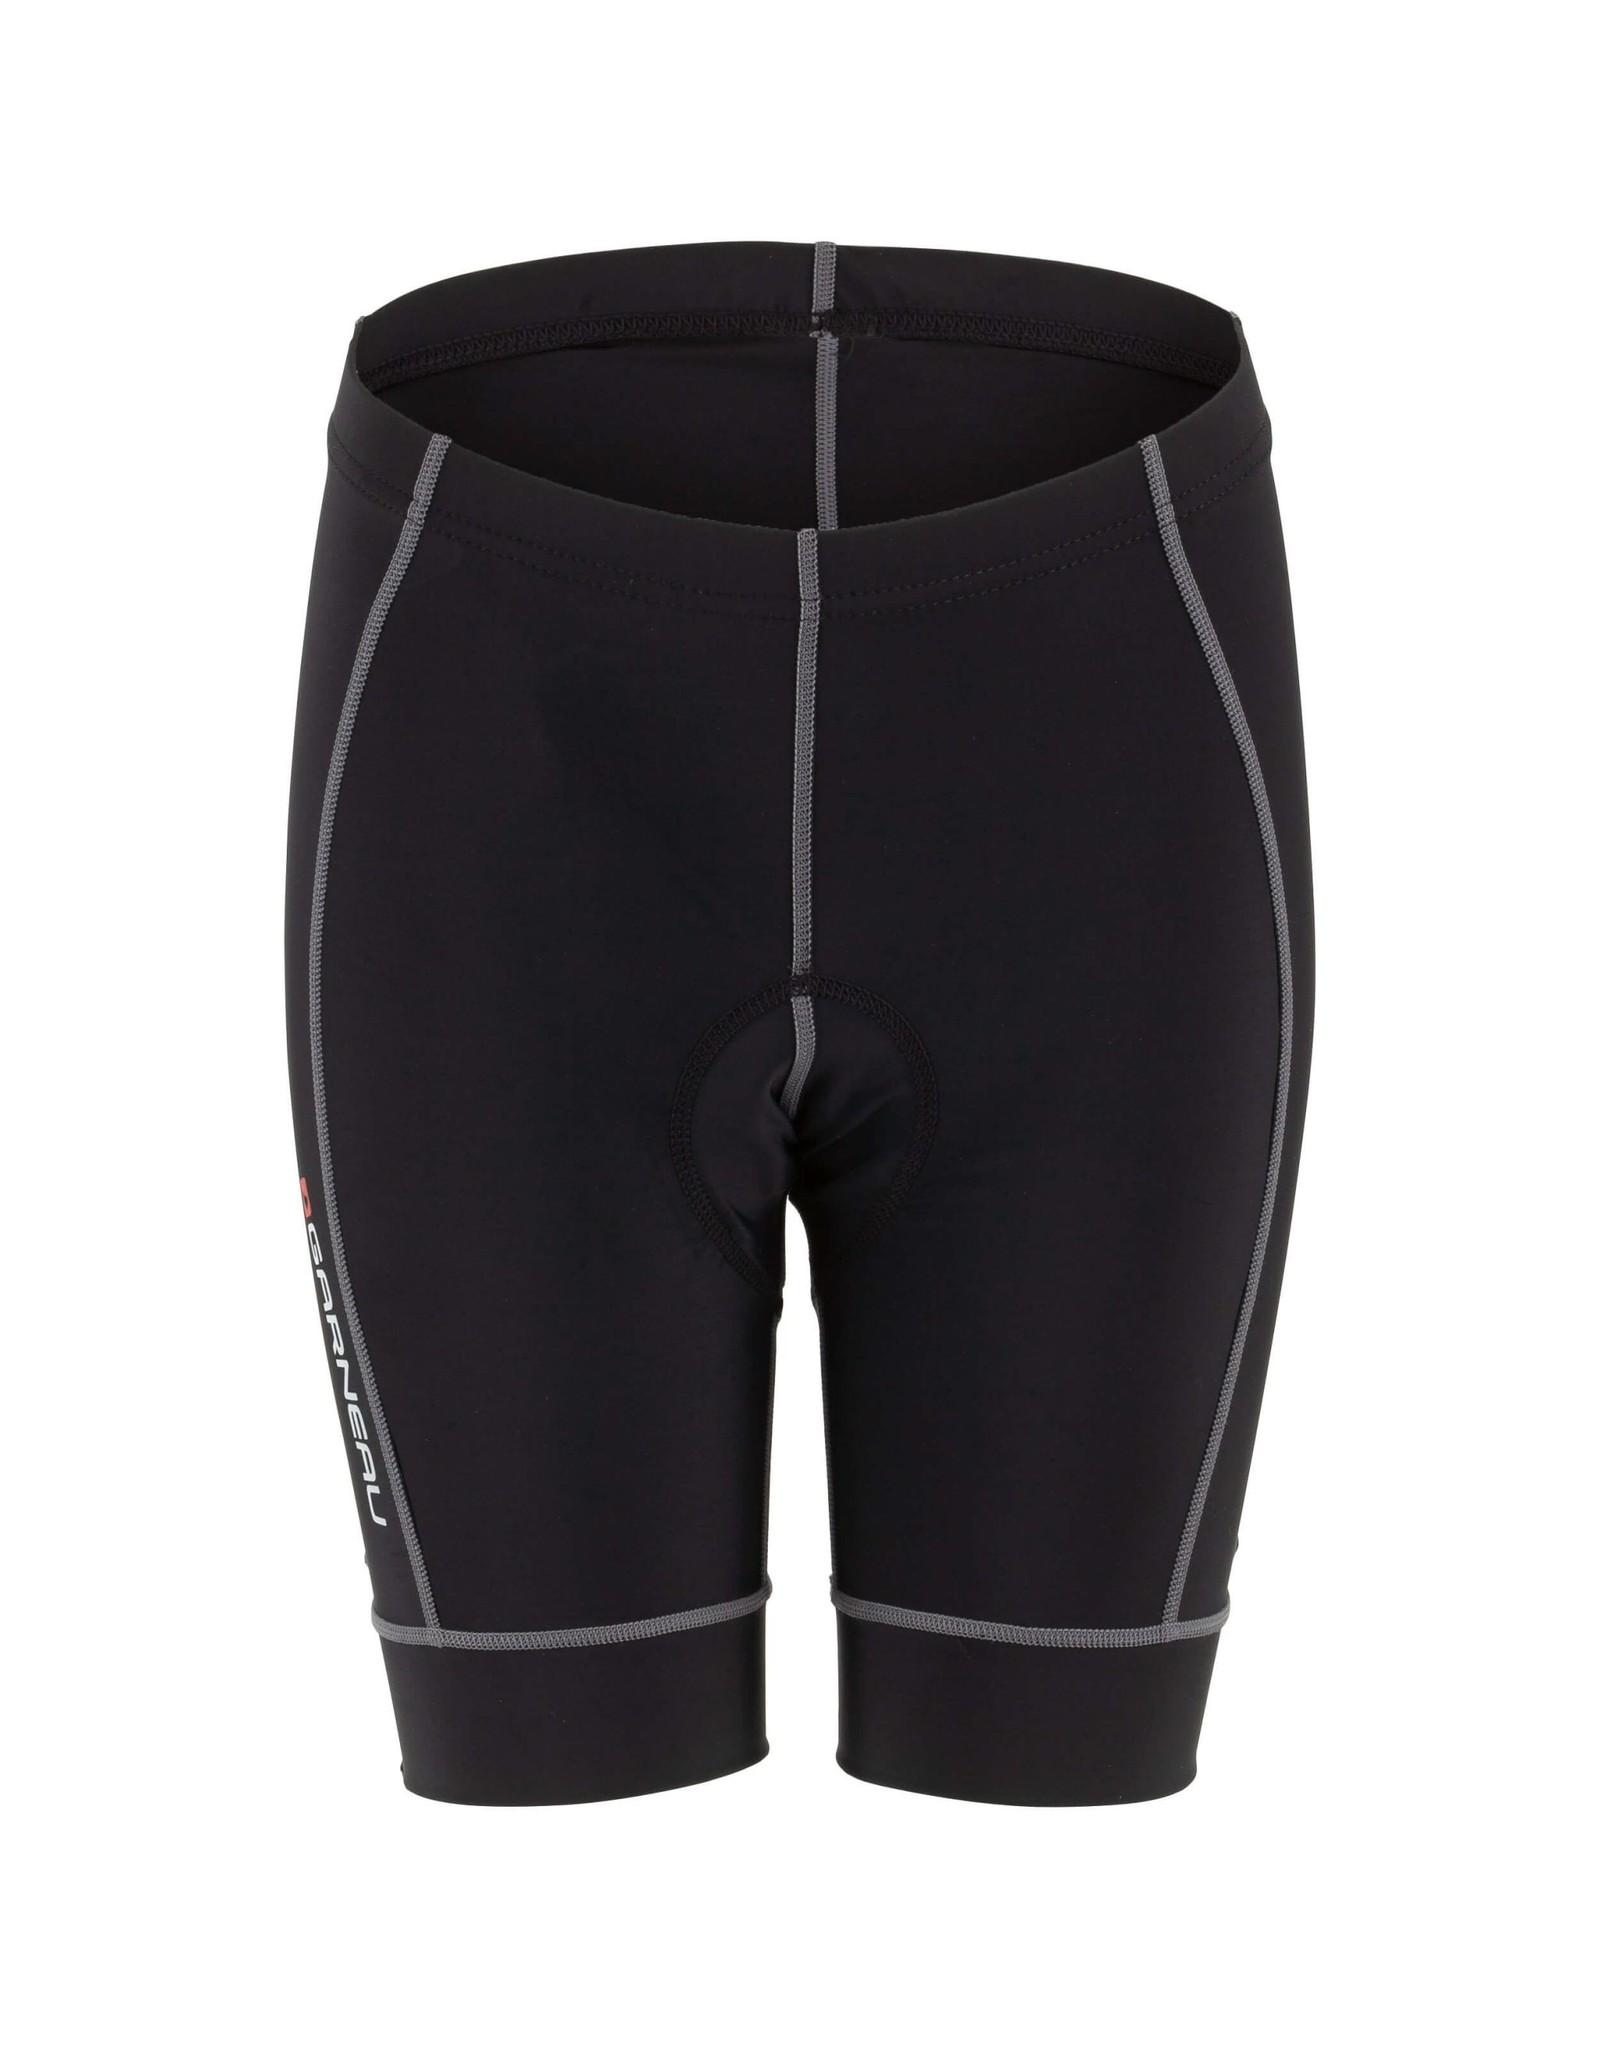 Garneau Shorts Garneau Request Promax Yth boy